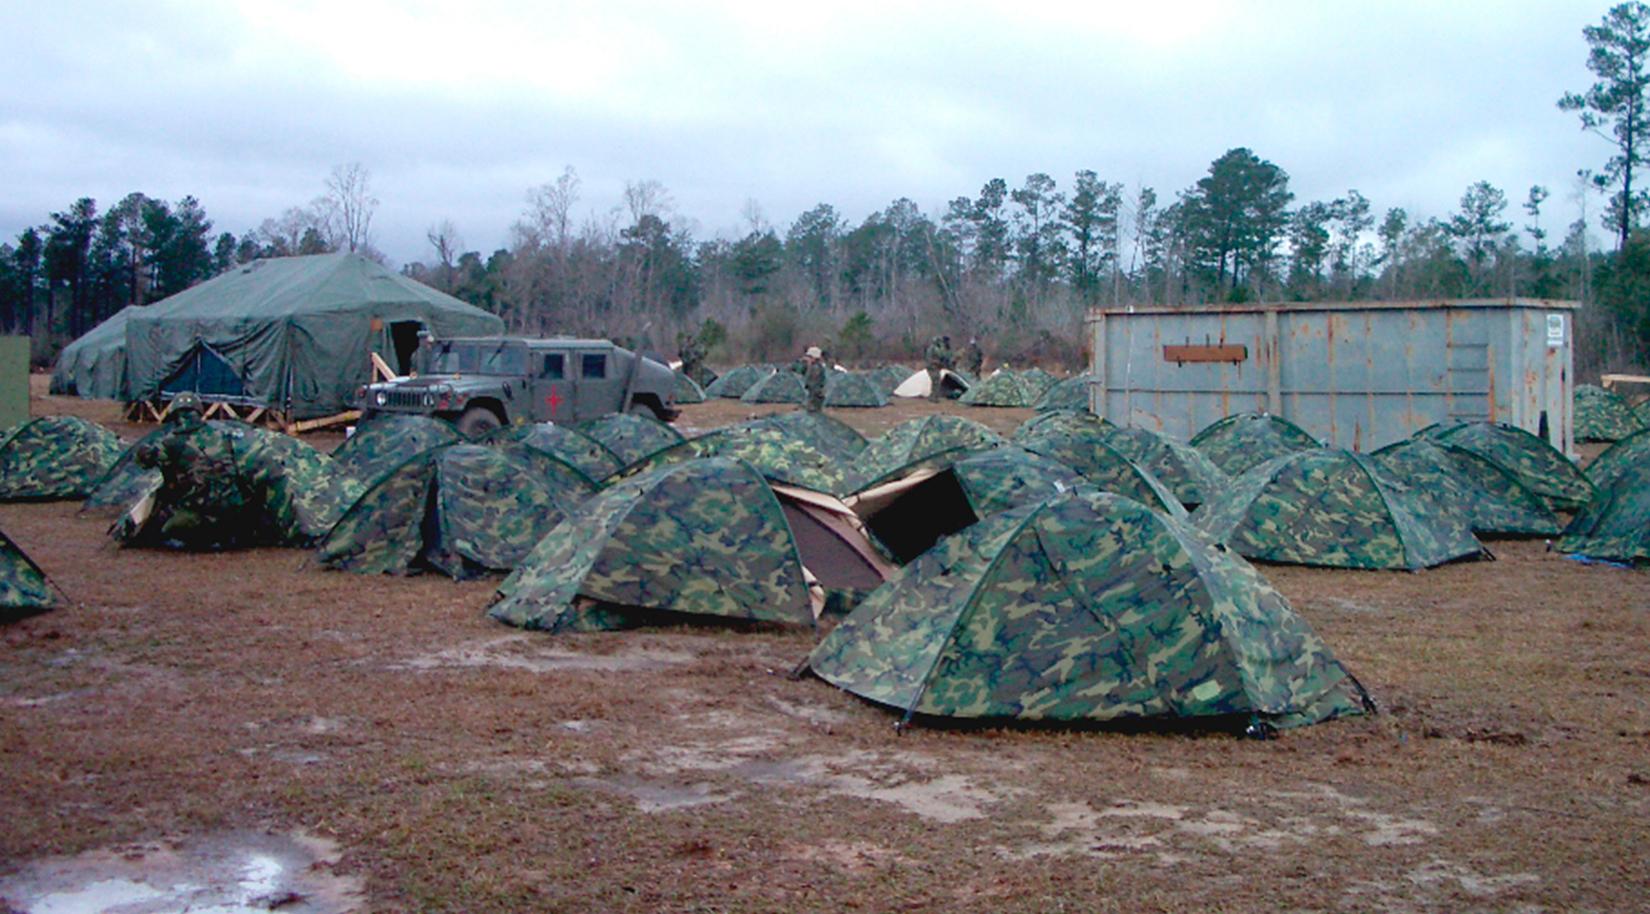 TCOP Tent USGI USMC Eureka One Person Combat Tent # 8340-01-535-0134